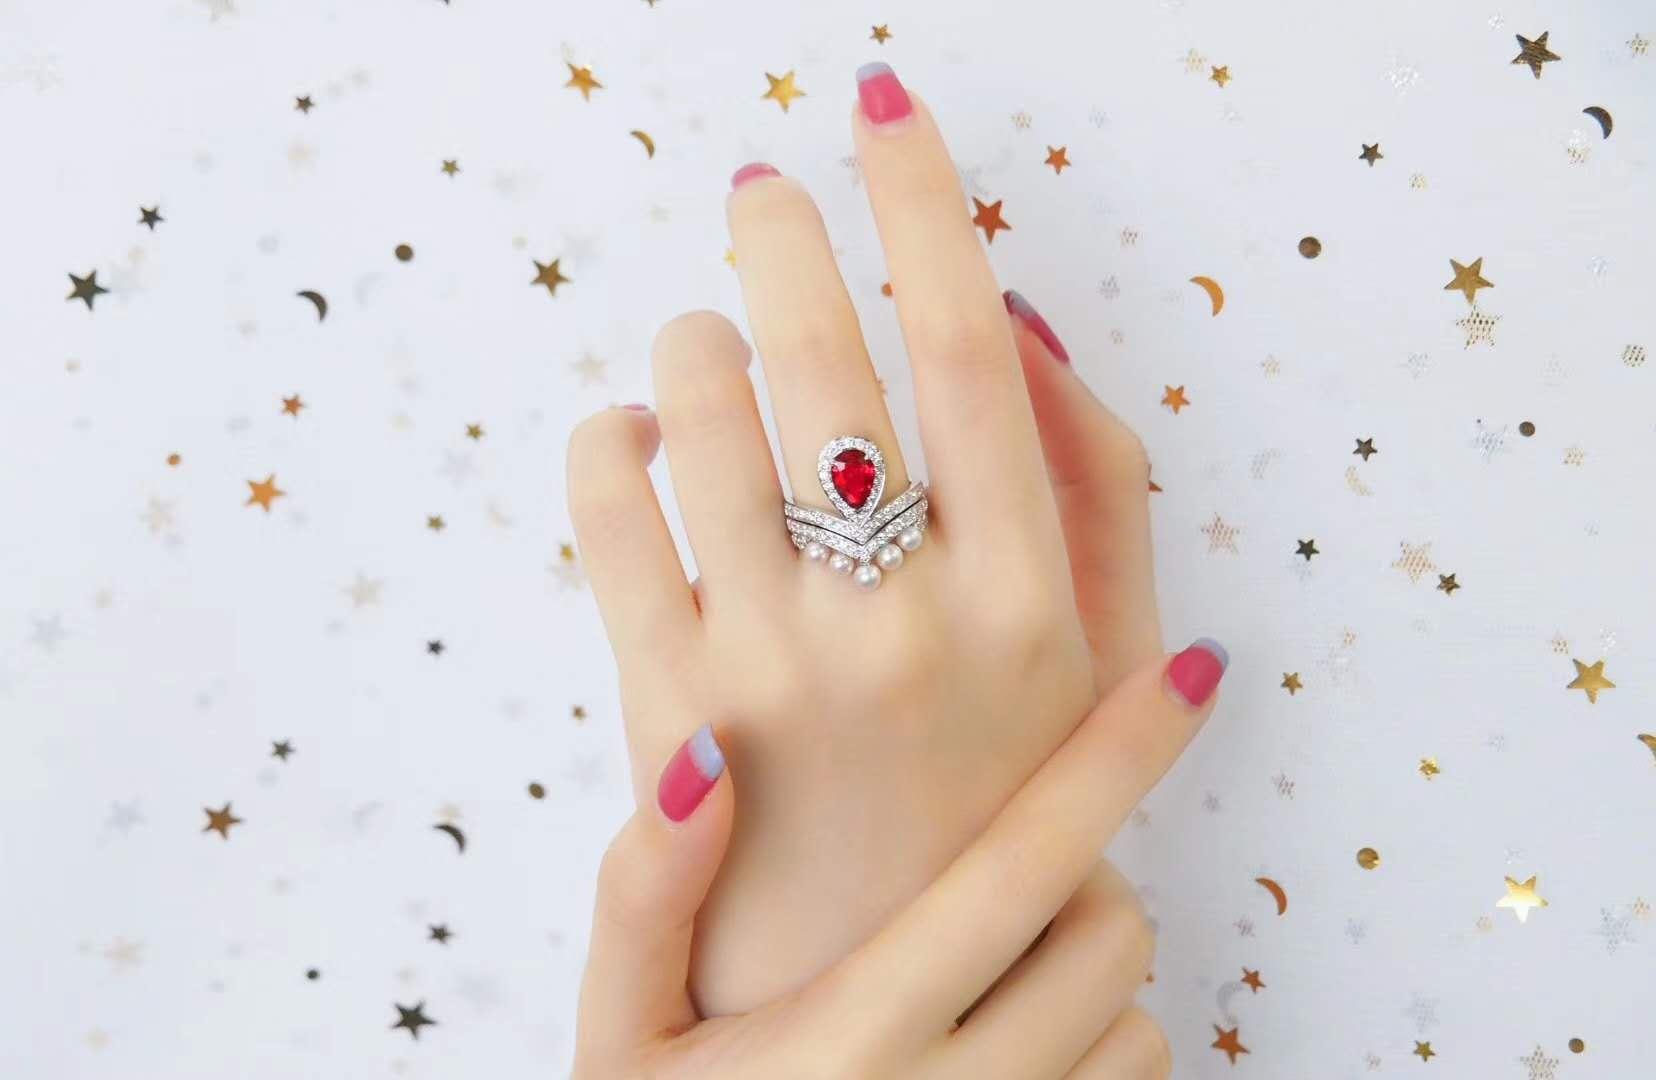 红宝石的价格涨幅超过钻石的原因是什么